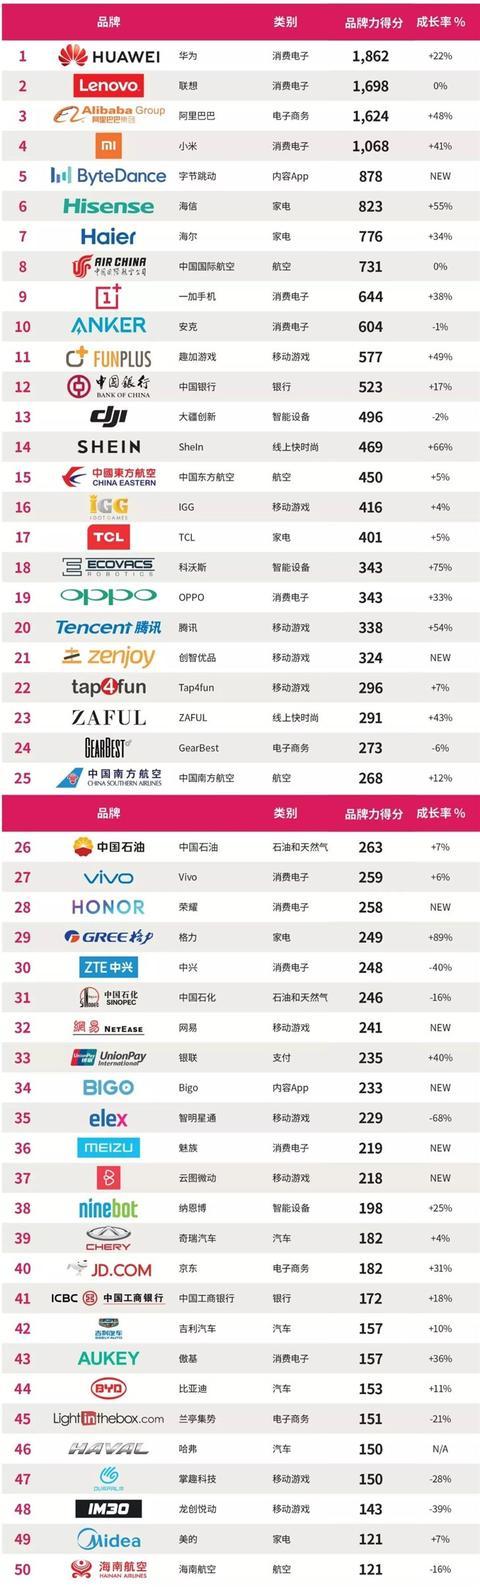 2019年BrandZ中国出海品牌50强出炉:华为榜首